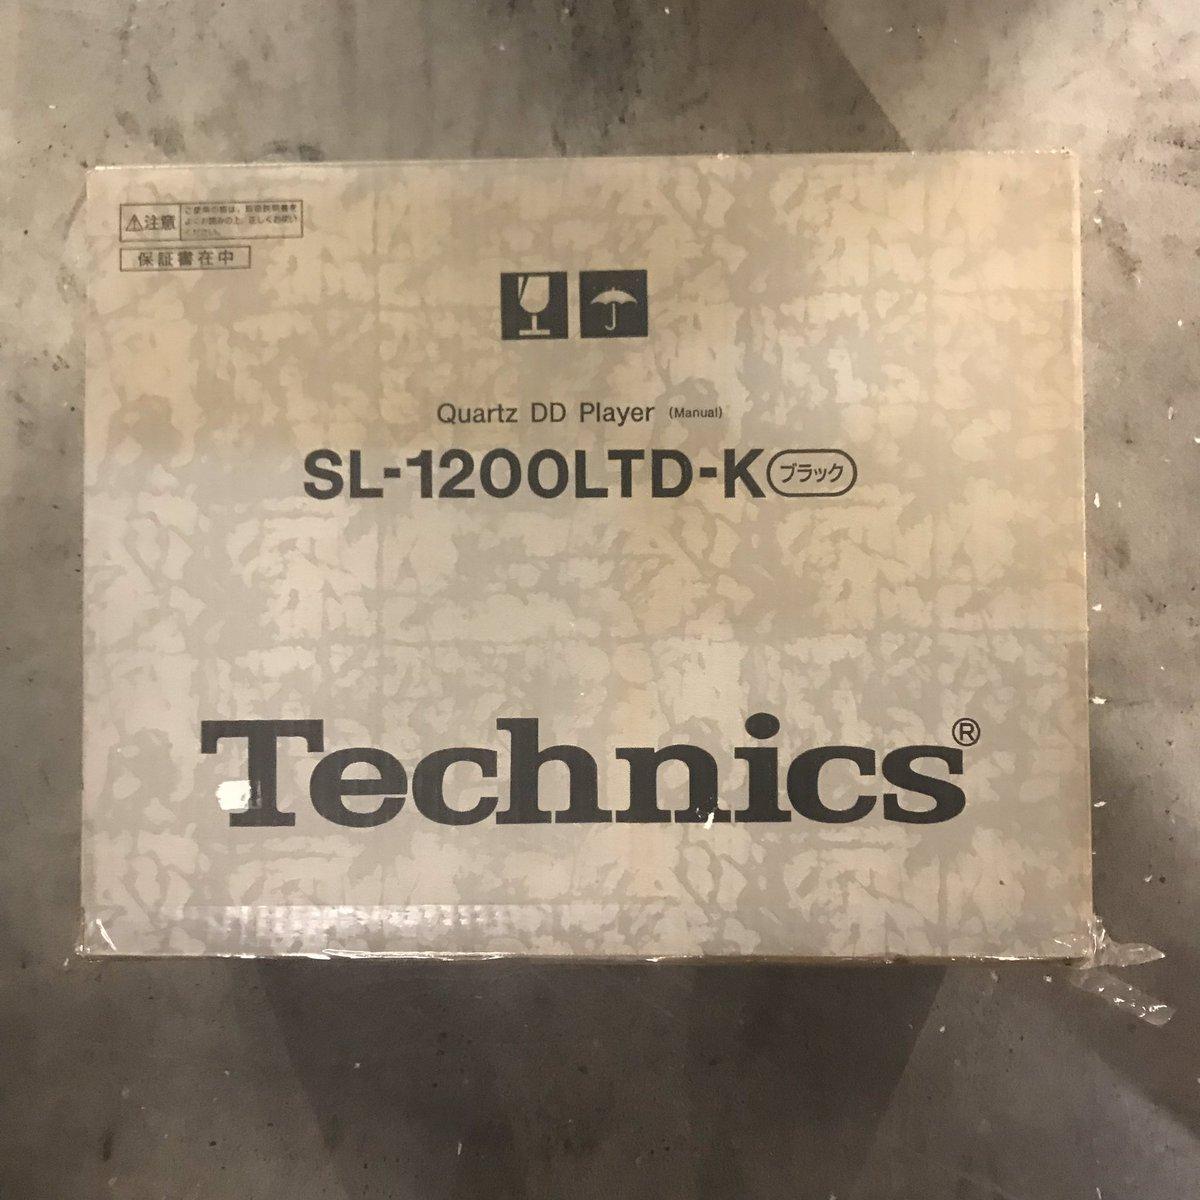 Technics テクニクス ターンテーブル DJ機材 SL1200LTD 限定モデル ゴールド ブラック メンズ ユニセックス 三国ヶ丘店 631303 【中古】 RM228E